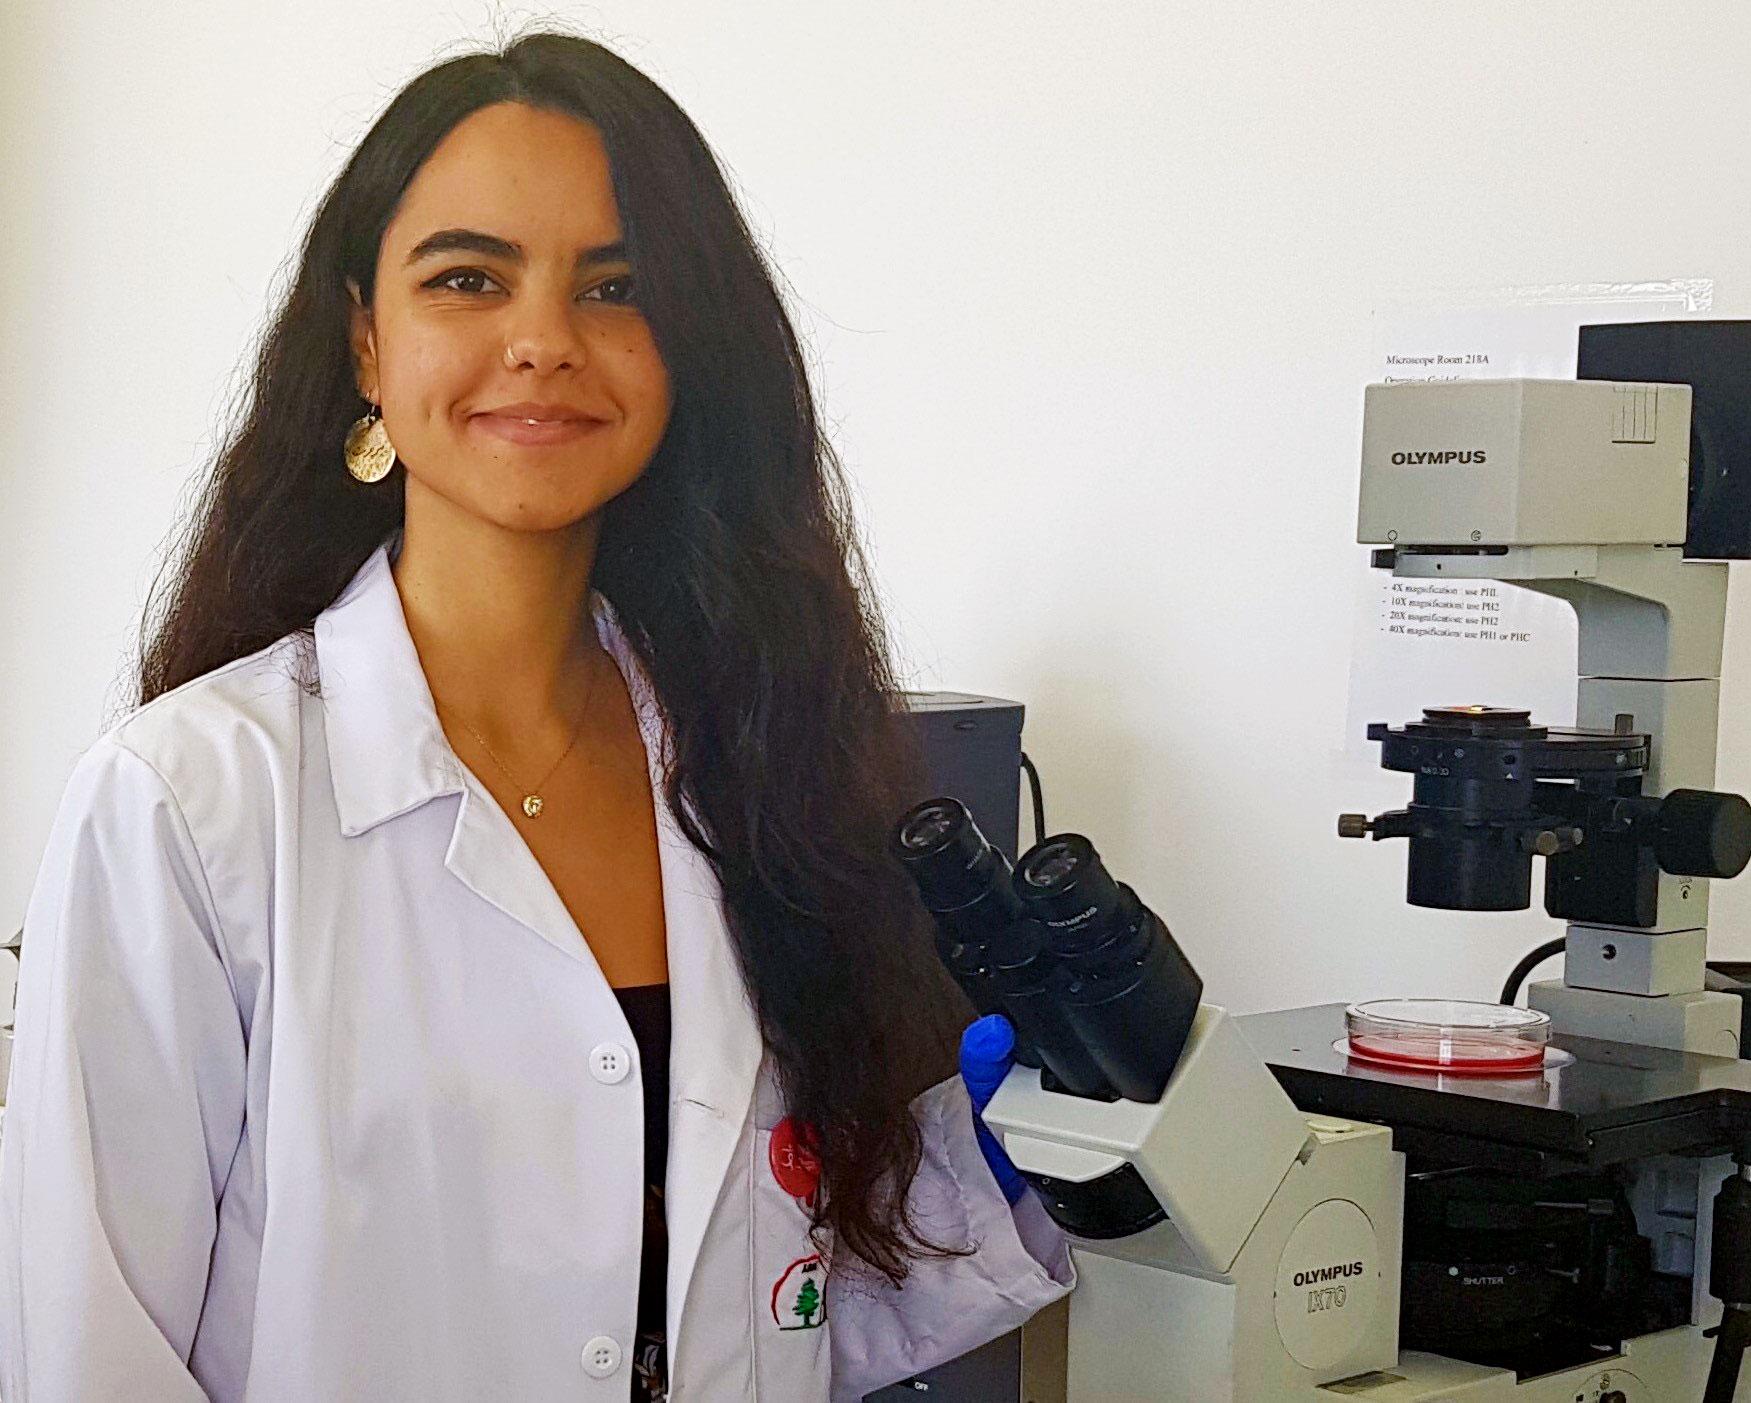 Nataly Naser Al Deen